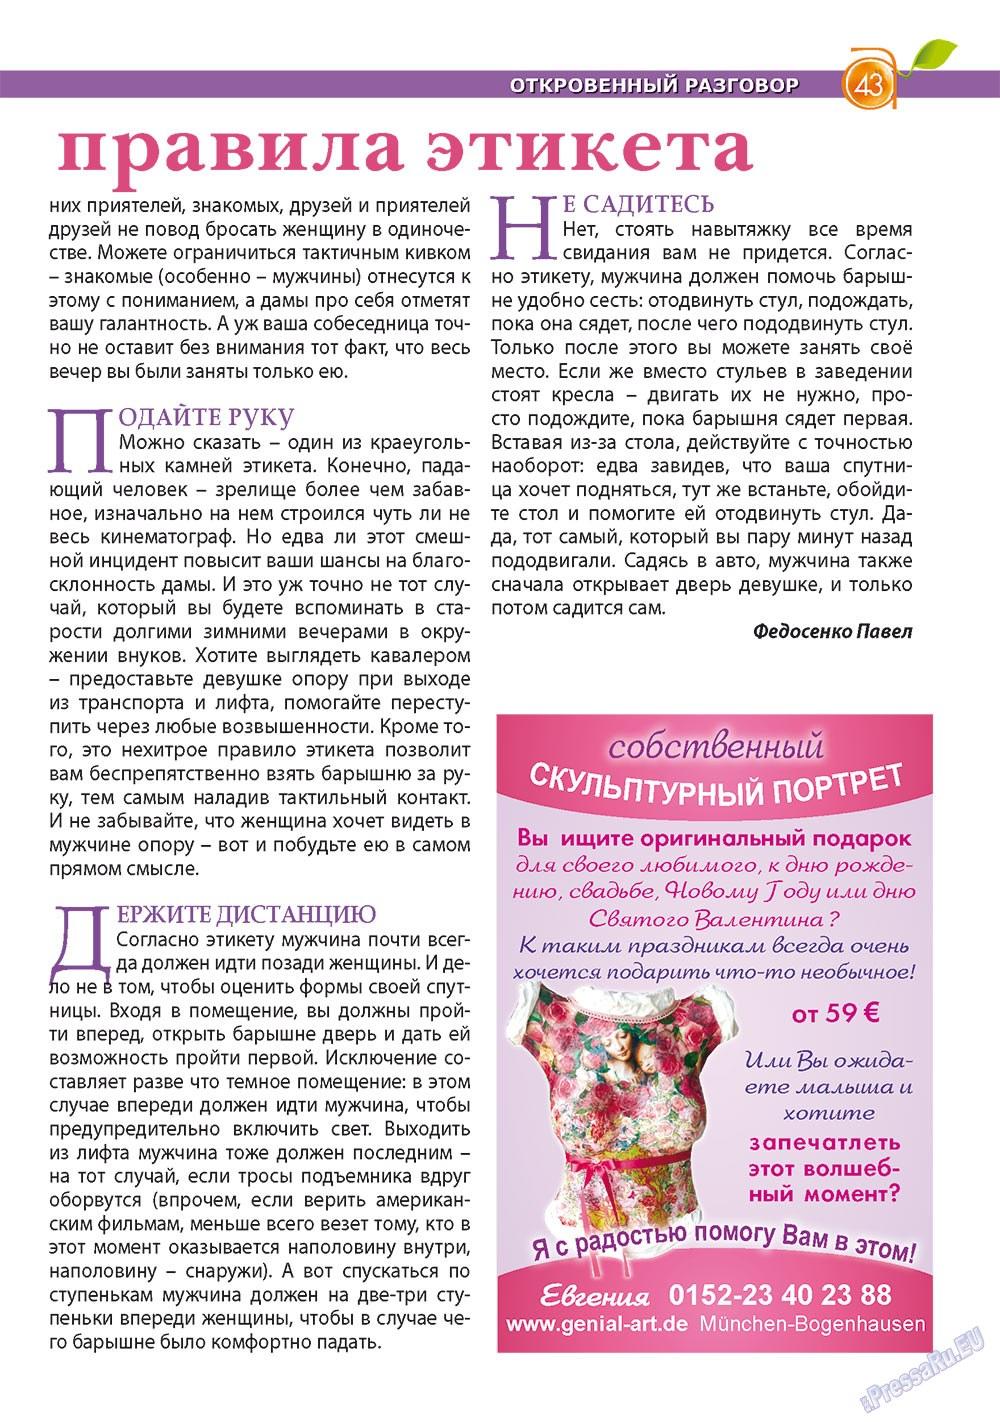 Апельсин (журнал). 2011 год, номер 29, стр. 43